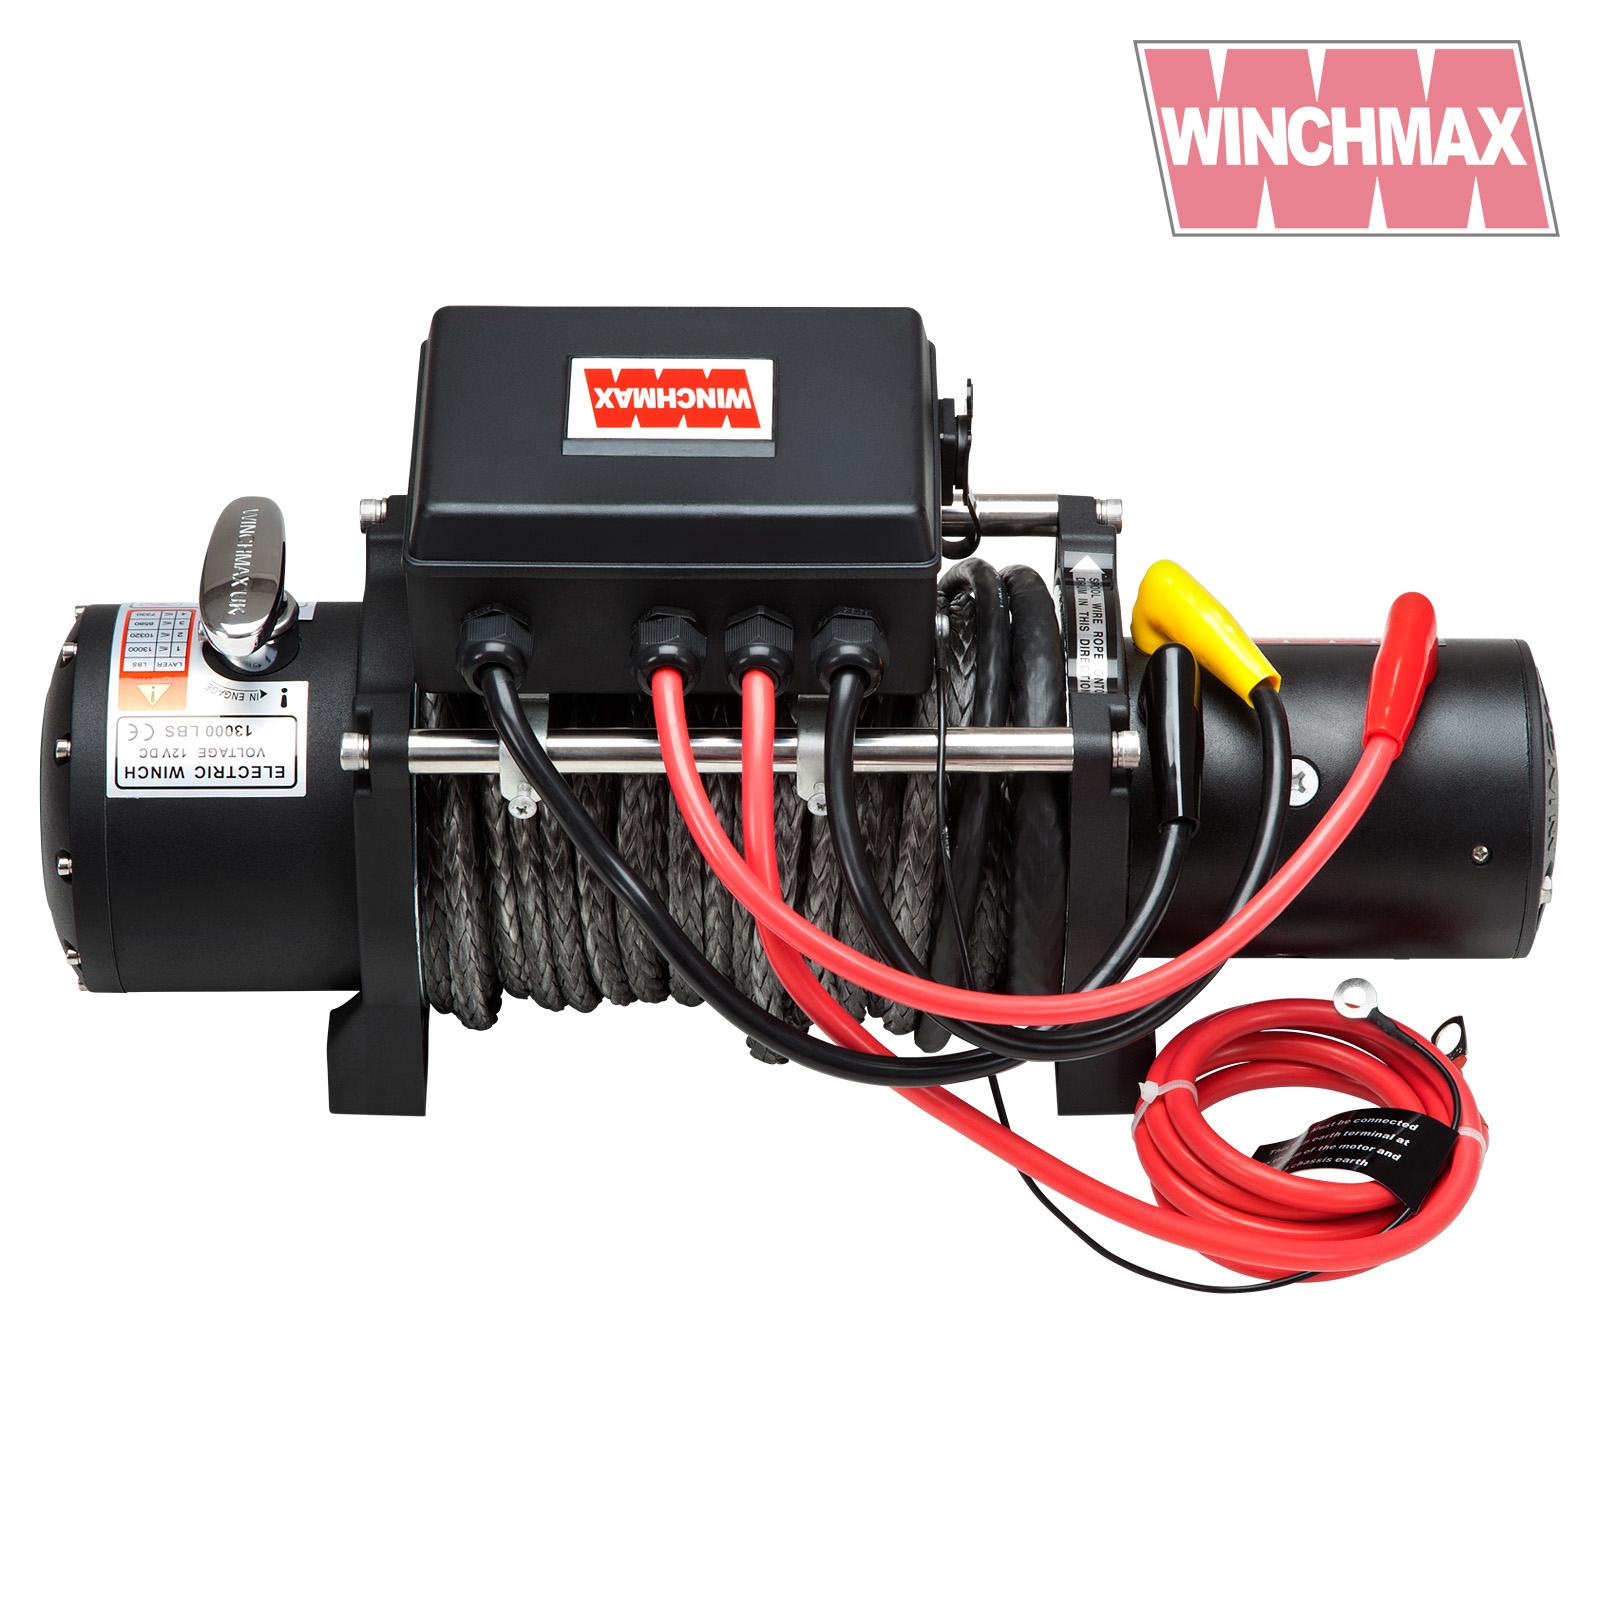 Wm1300012vmilsyn winchmax 023